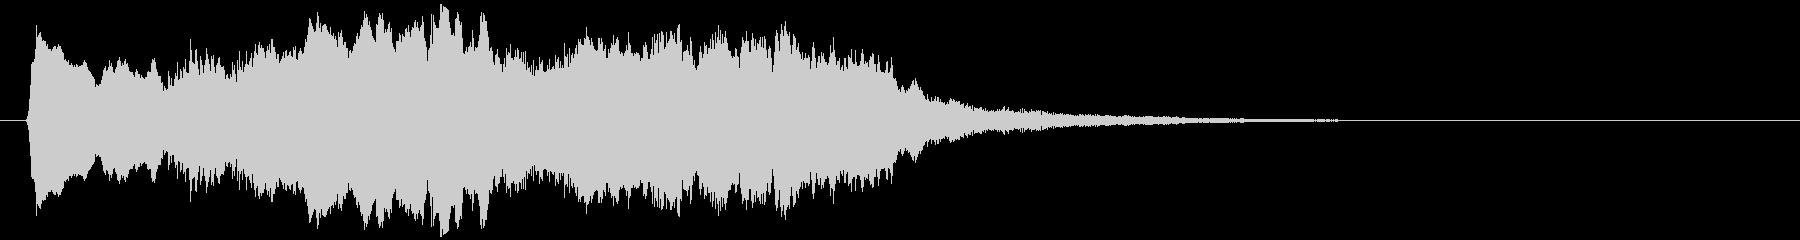 ゆったりしたバイオリンとハープのジングルの未再生の波形